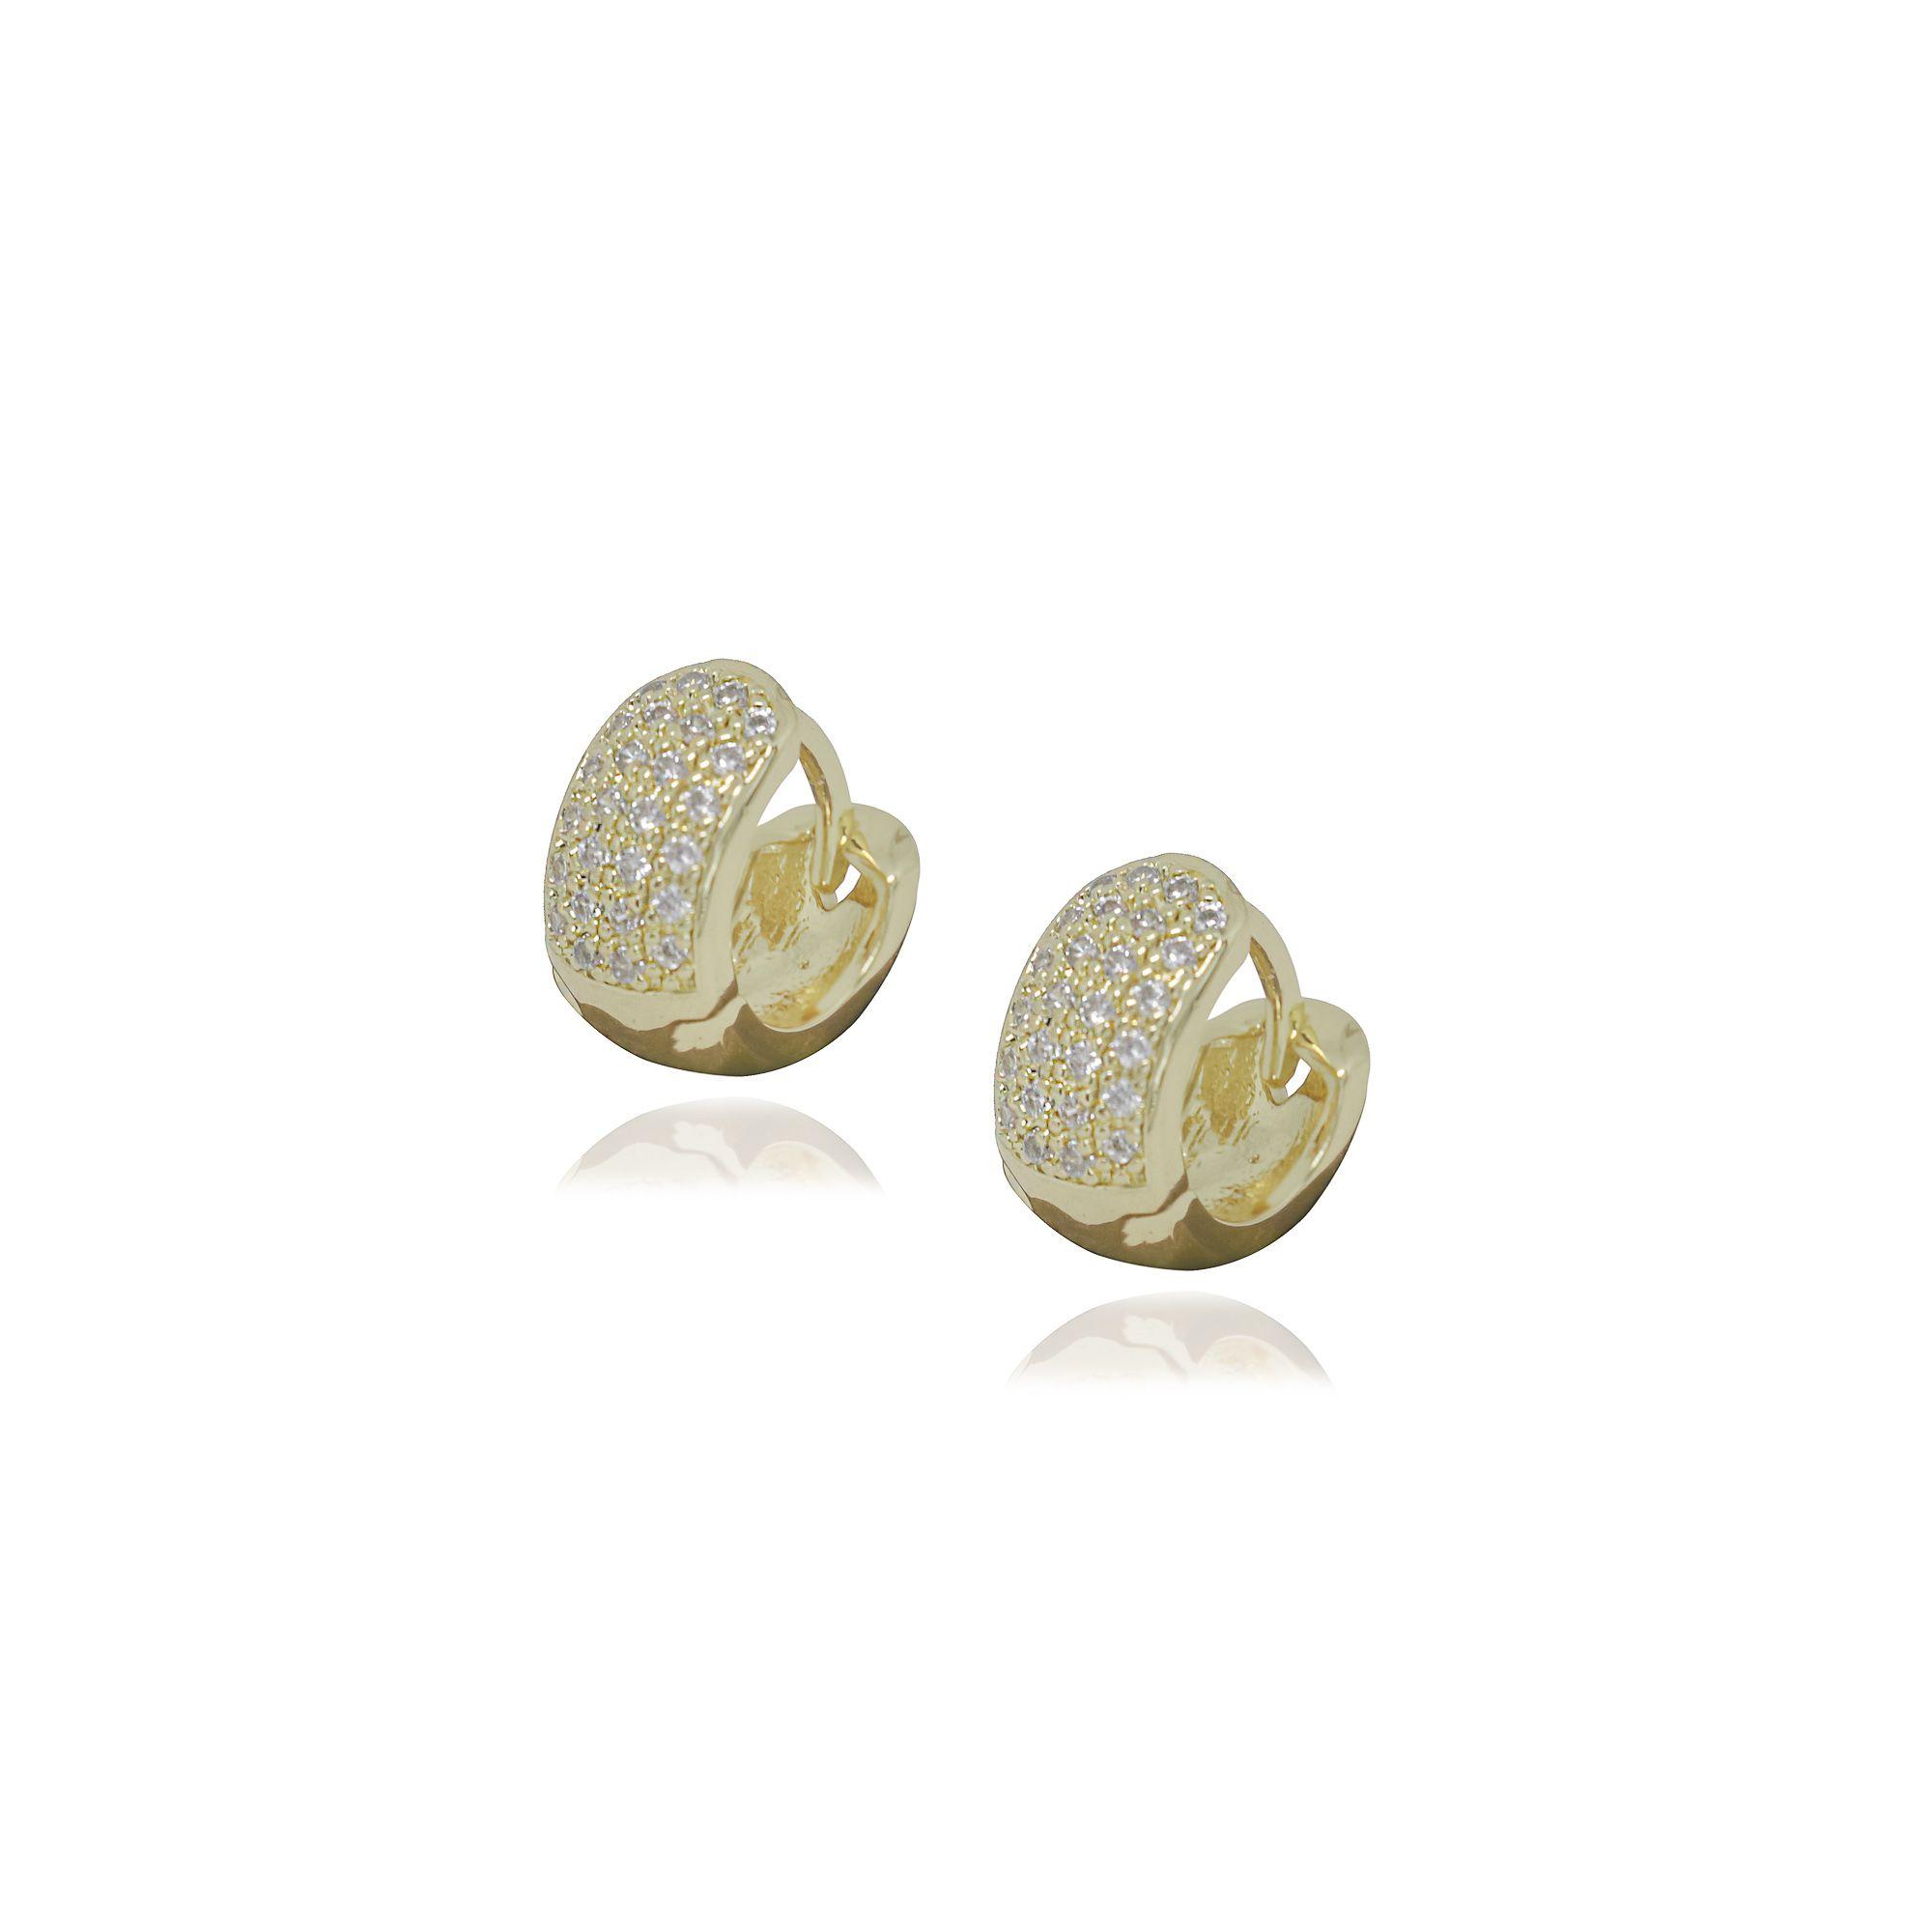 Brinco Semi joia argola  cravejada 1,1 x 0,5 cm cravejada em microzircônia e folheado a ouro 18k ou rhodium